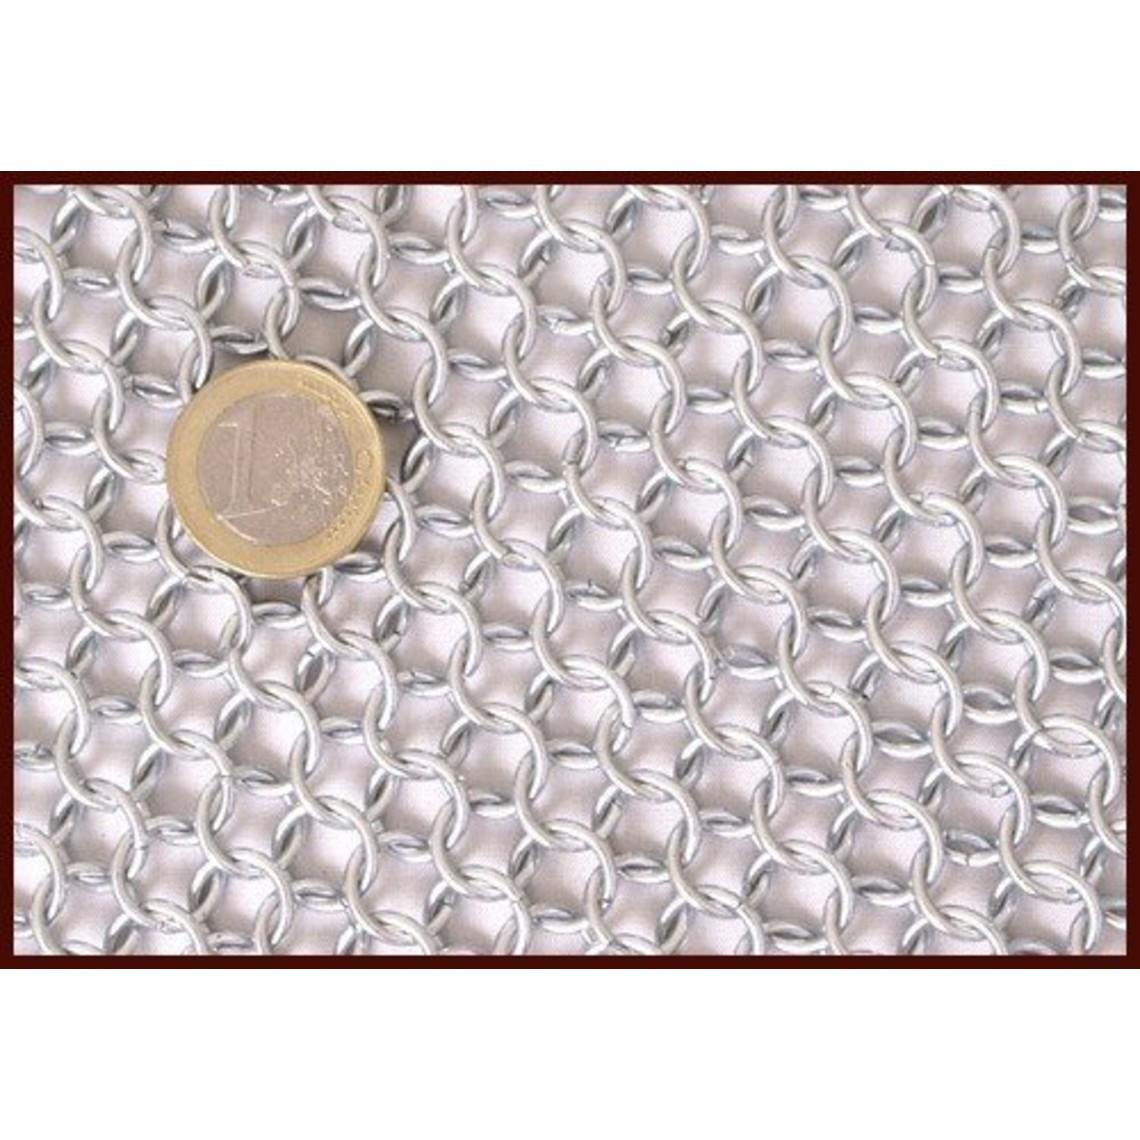 Lorigón de mangas largas, galvanizado, 9 mm